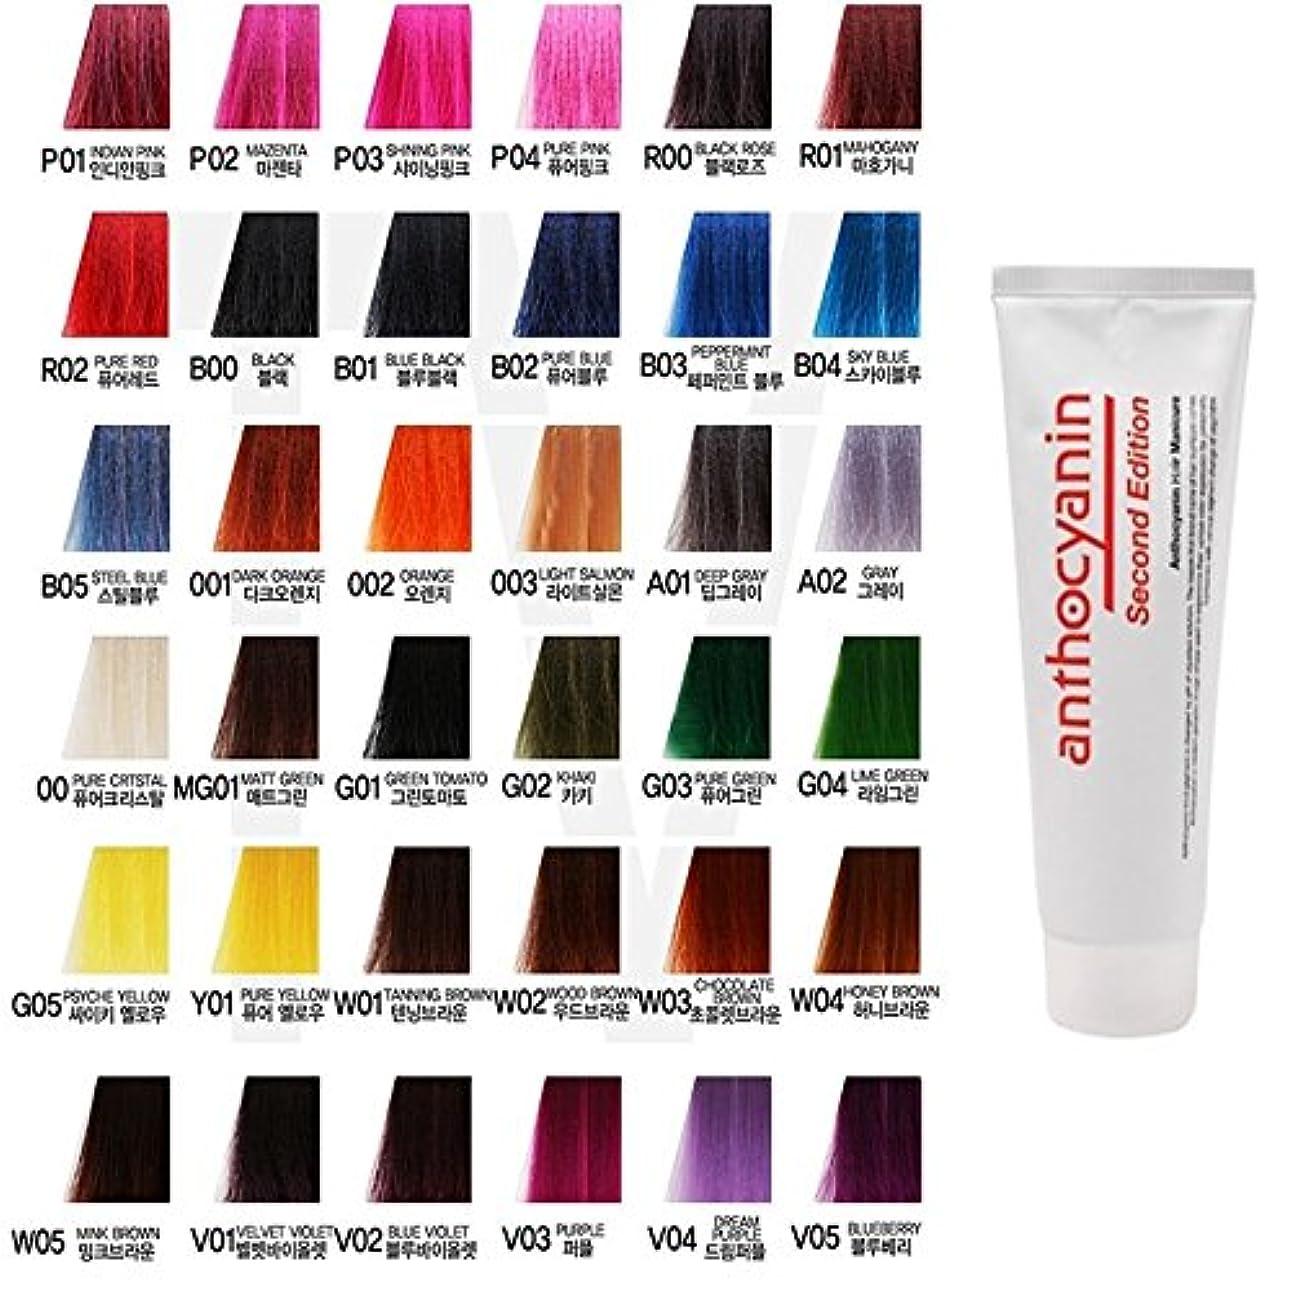 ピービッシュ料理をする道徳ヘア マニキュア カラー セカンド エディション 230g セミ パーマネント 染毛剤 ( Hair Manicure Color Second Edition 230g Semi Permanent Hair Dye) [並行輸入品] (004 Pure Crystal)